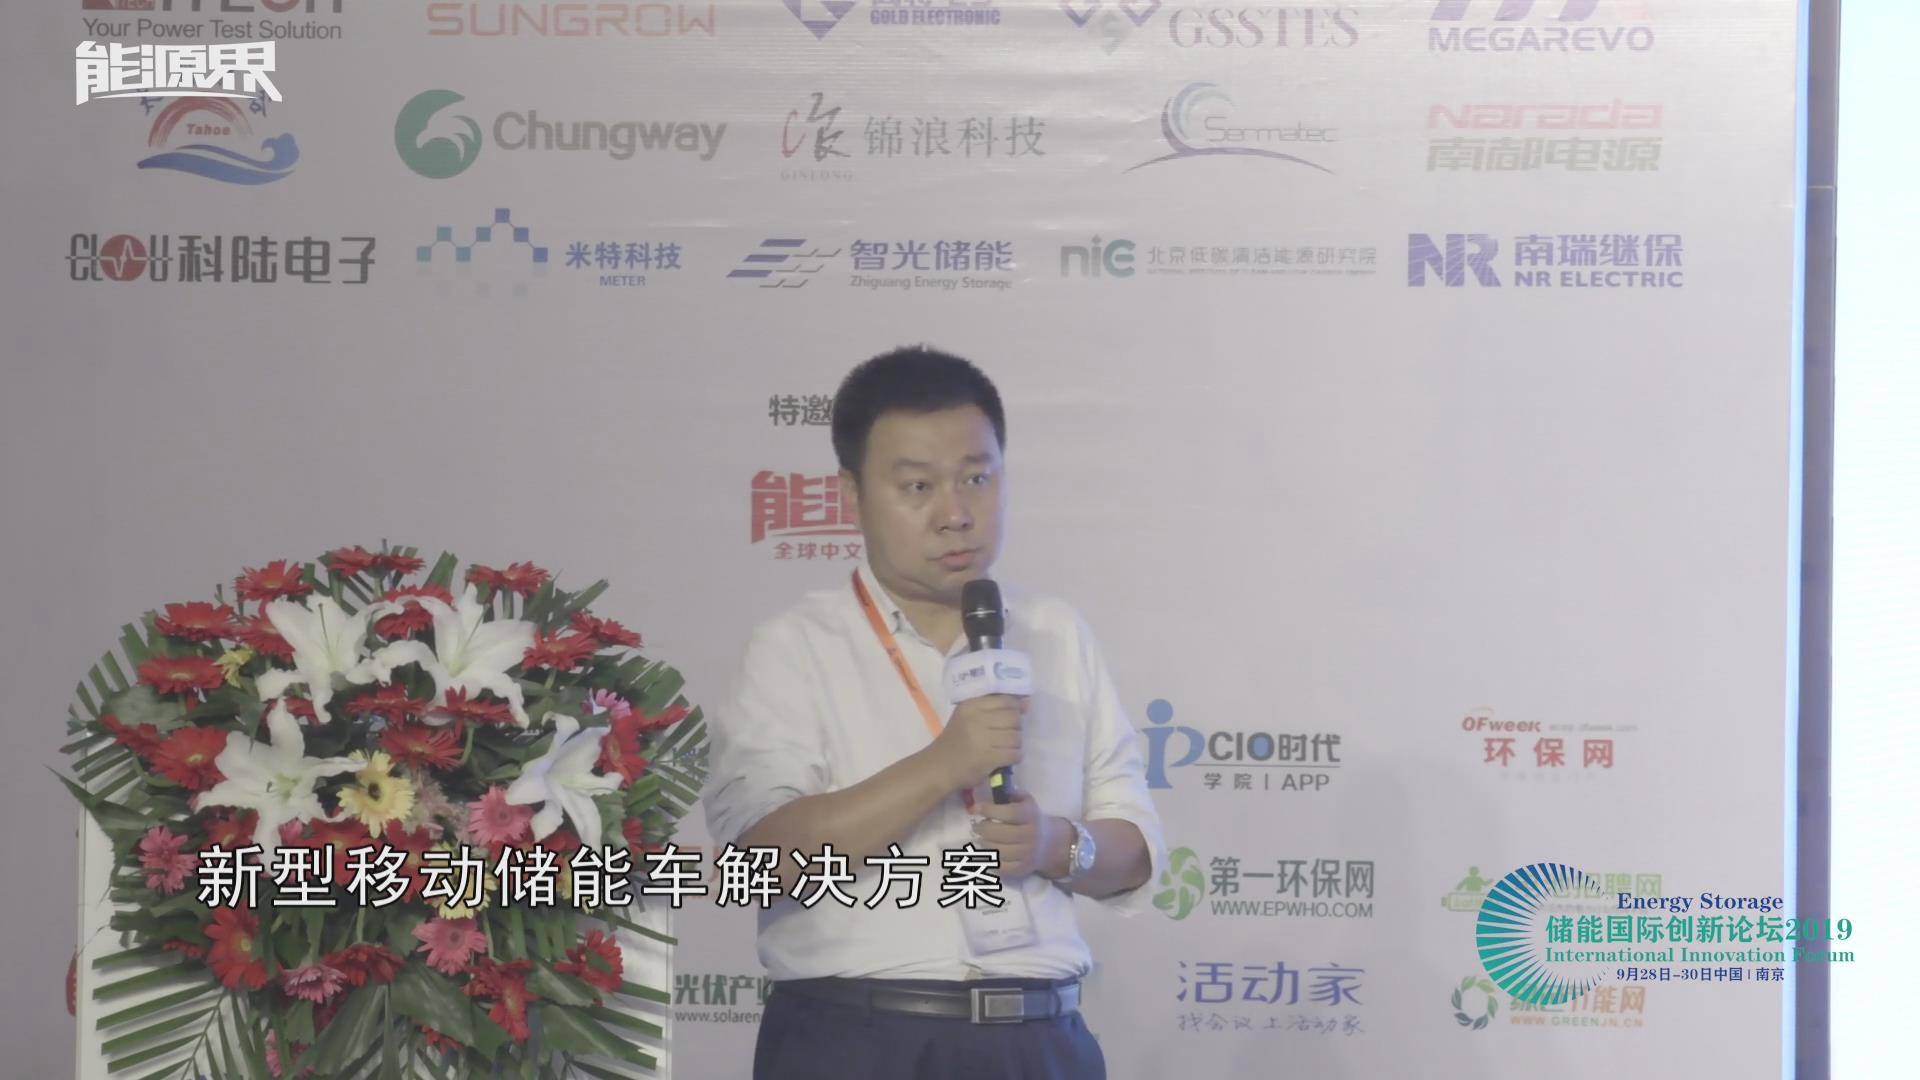 劉佳璐:新型移動儲能車解決方案